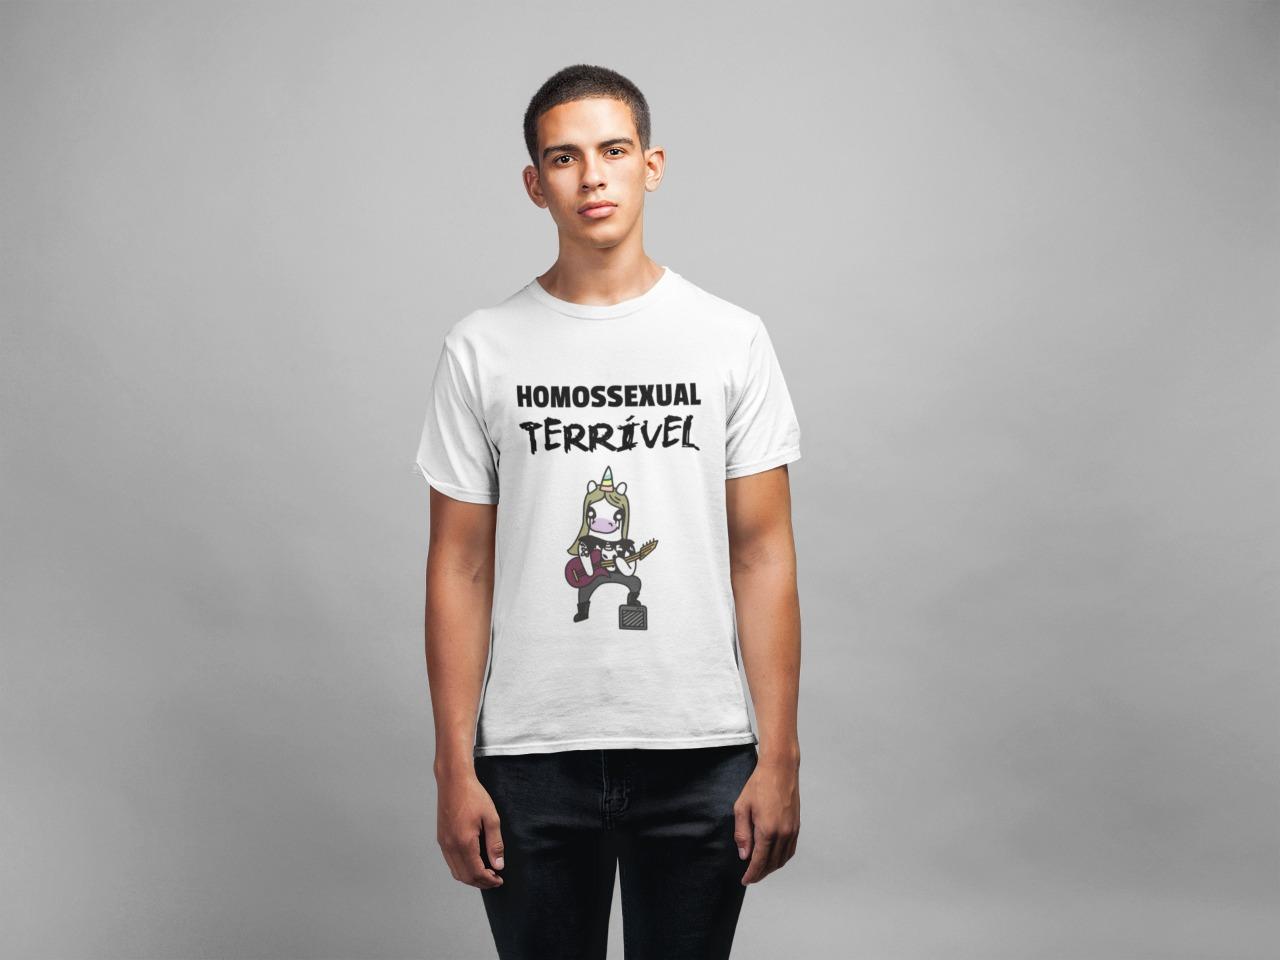 Homossexual Terrível pode ser ressignificada pela comunidade LGBT. Foto: Reprodução